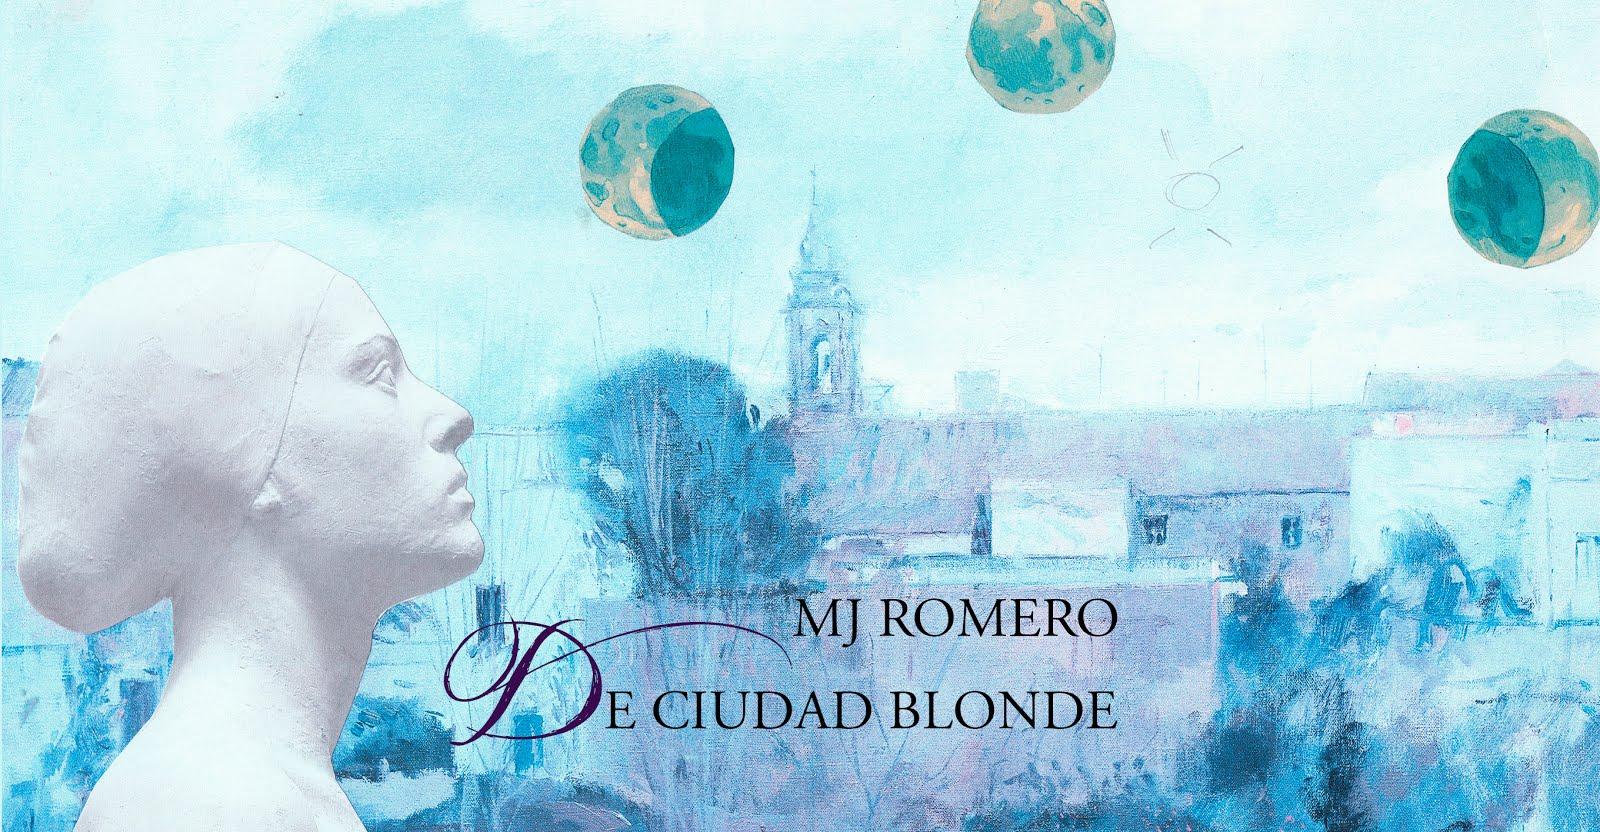 DE CIUDAD BLONDE / MJ ROMERO